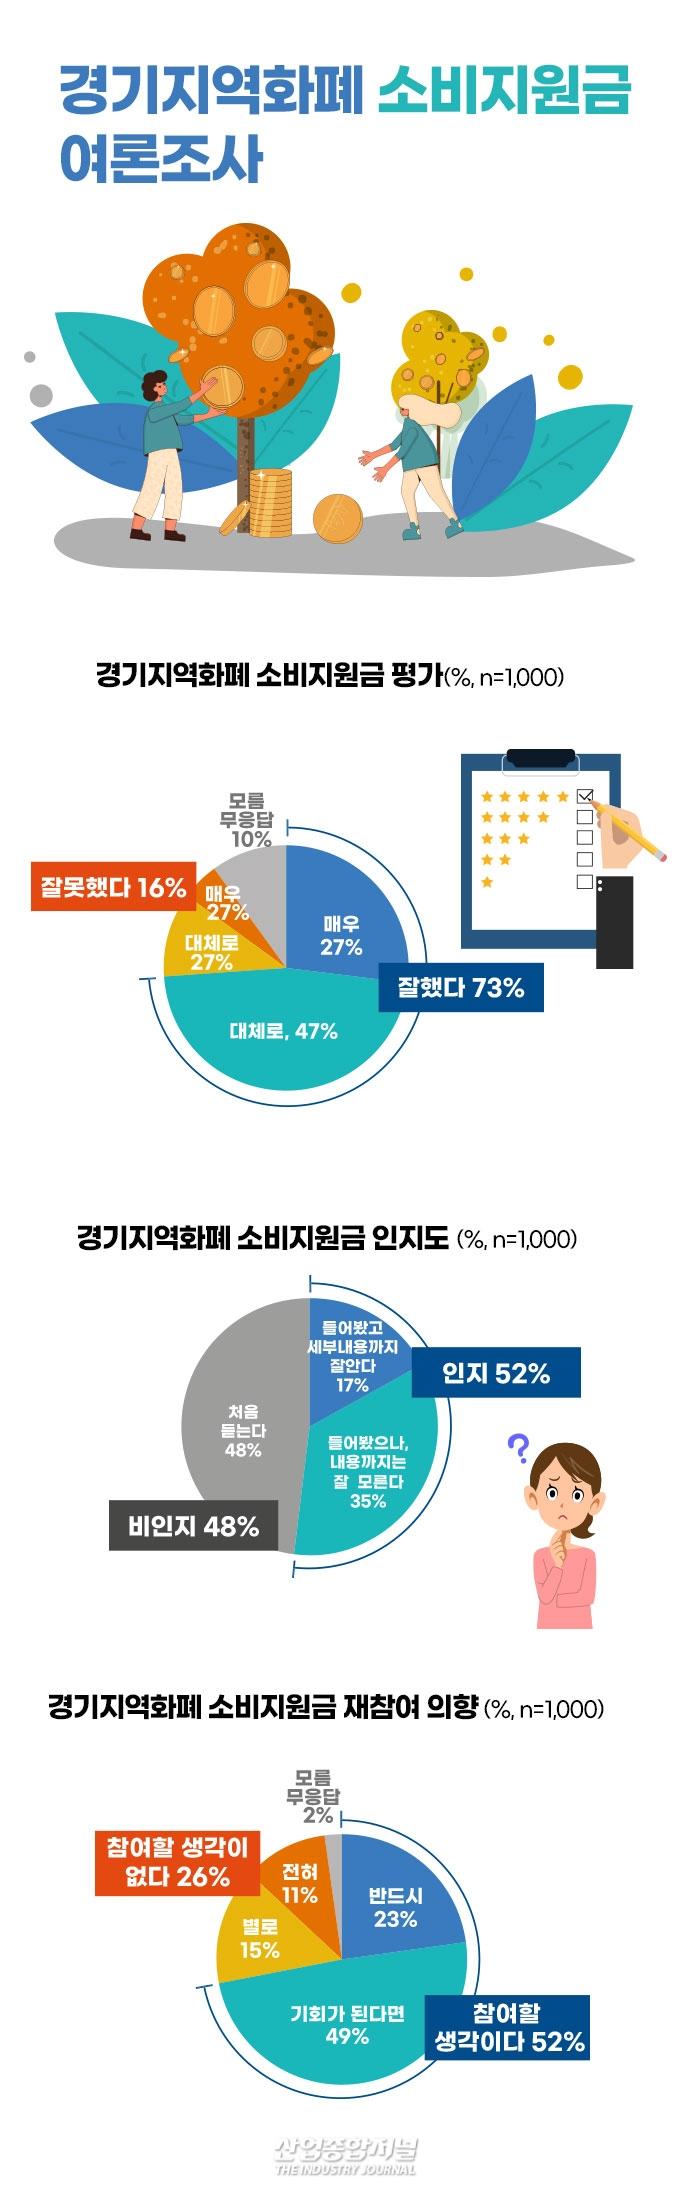 """[그래픽뉴스] 지역화폐사용자 84% """"잘했다"""" 소비지원금 참여자 94% """"잘했다"""" - 산업종합저널 그래픽뉴스"""